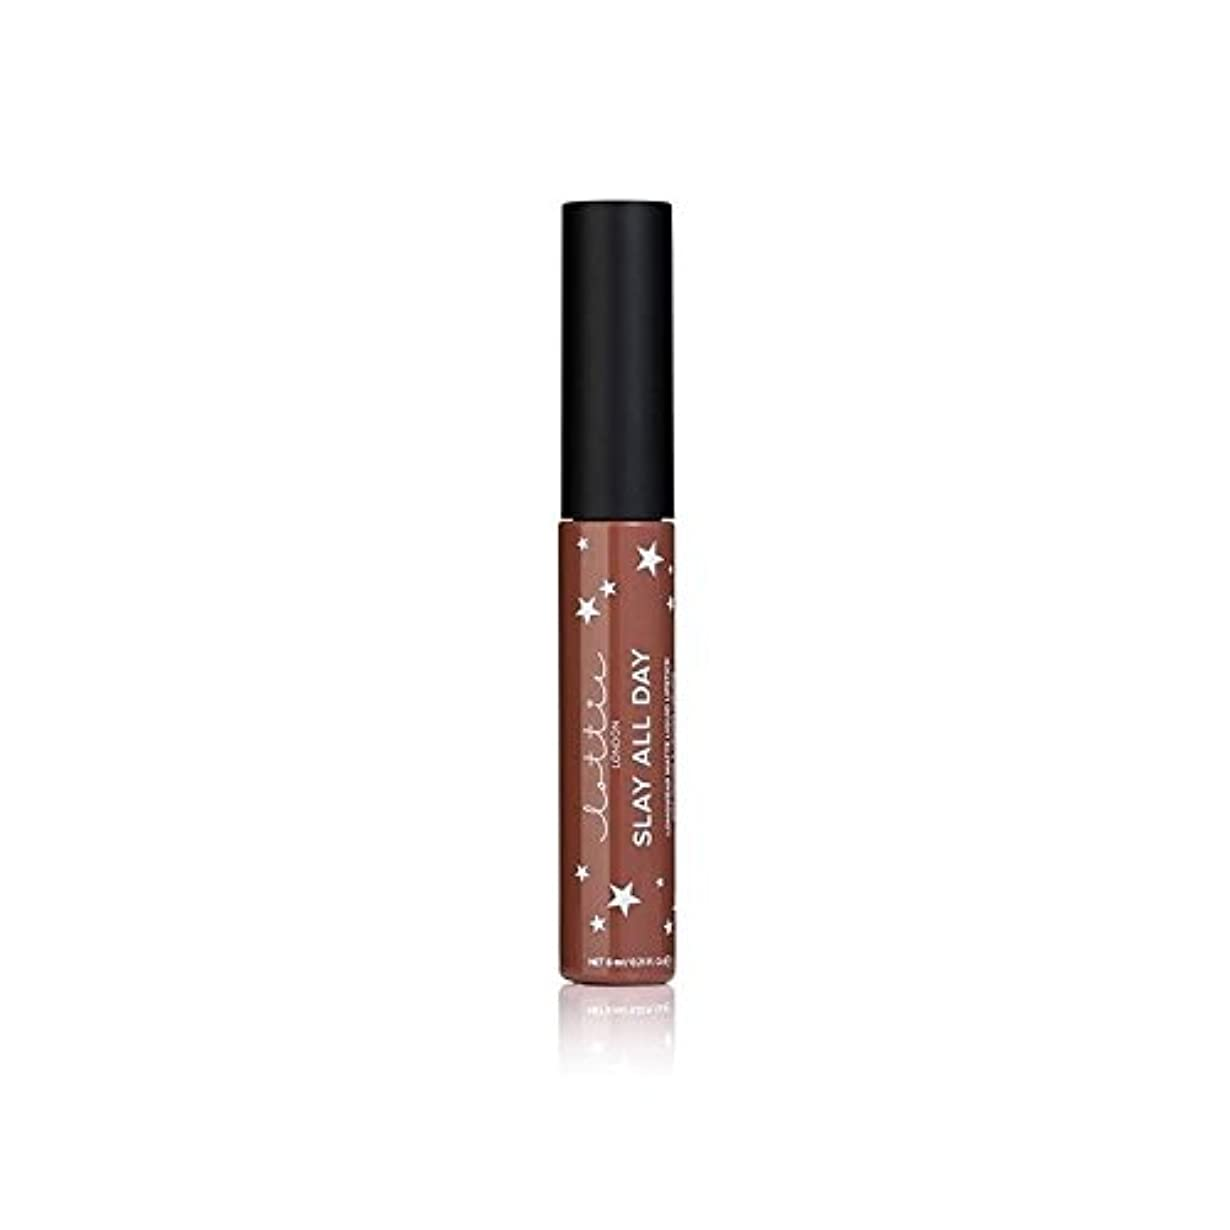 トリップドライ過激派Lottie London Matte Liquid Lipstick - Hey Bae (Pack of 6) - ロンドンマット液状口紅 - ちょっとペ x6 [並行輸入品]